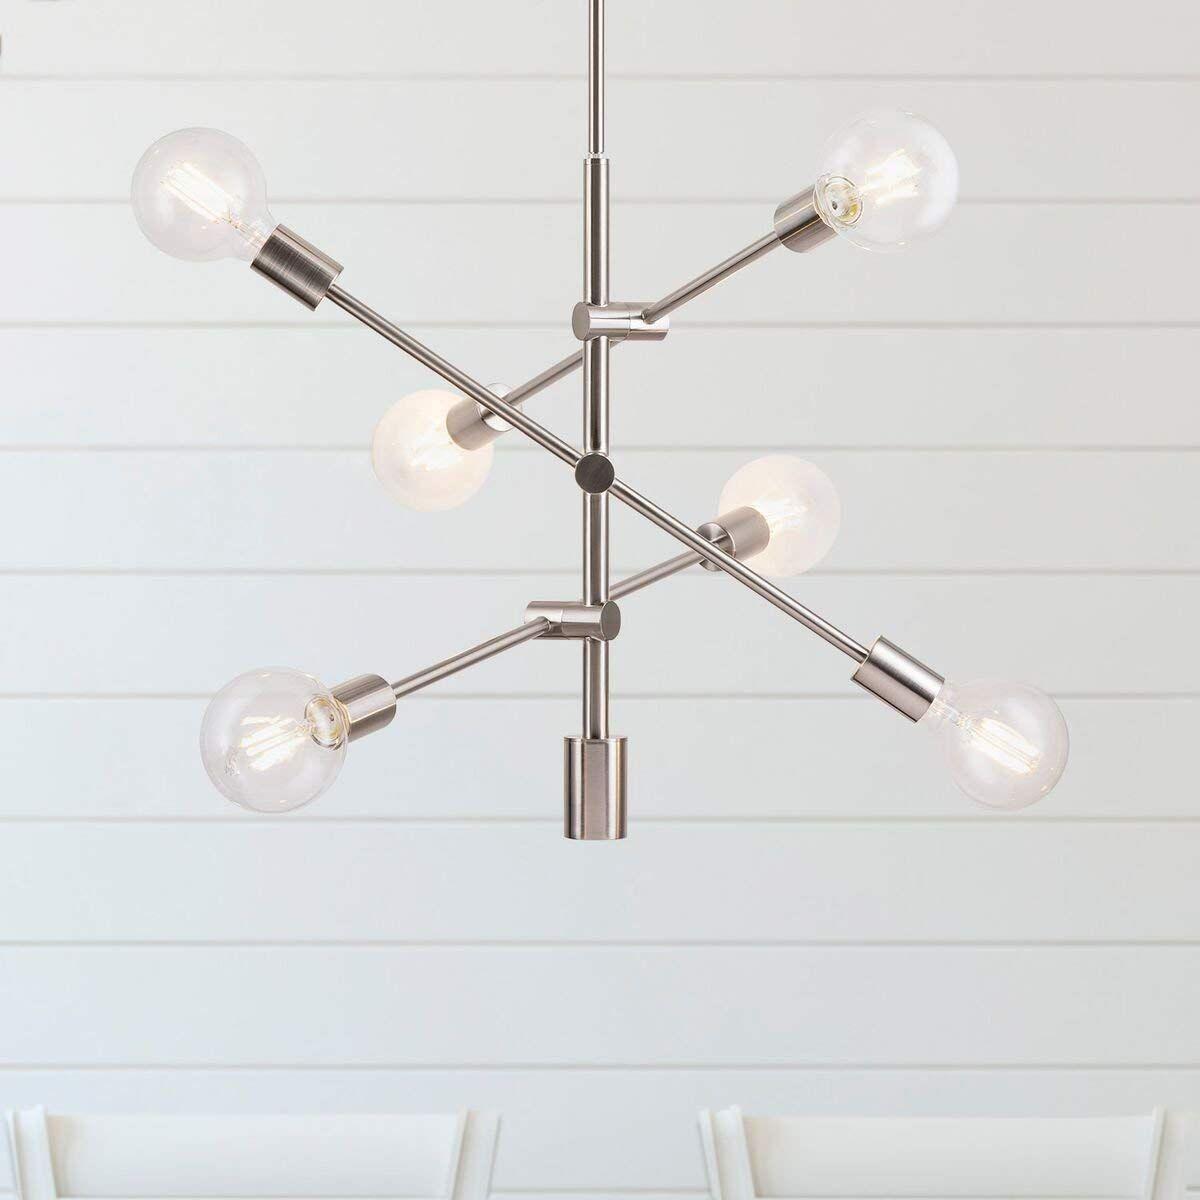 Marabella Led Sputnik Chandelier Light Fixture, Brushed regarding Johanne 6-Light Sputnik Chandeliers (Image 19 of 30)